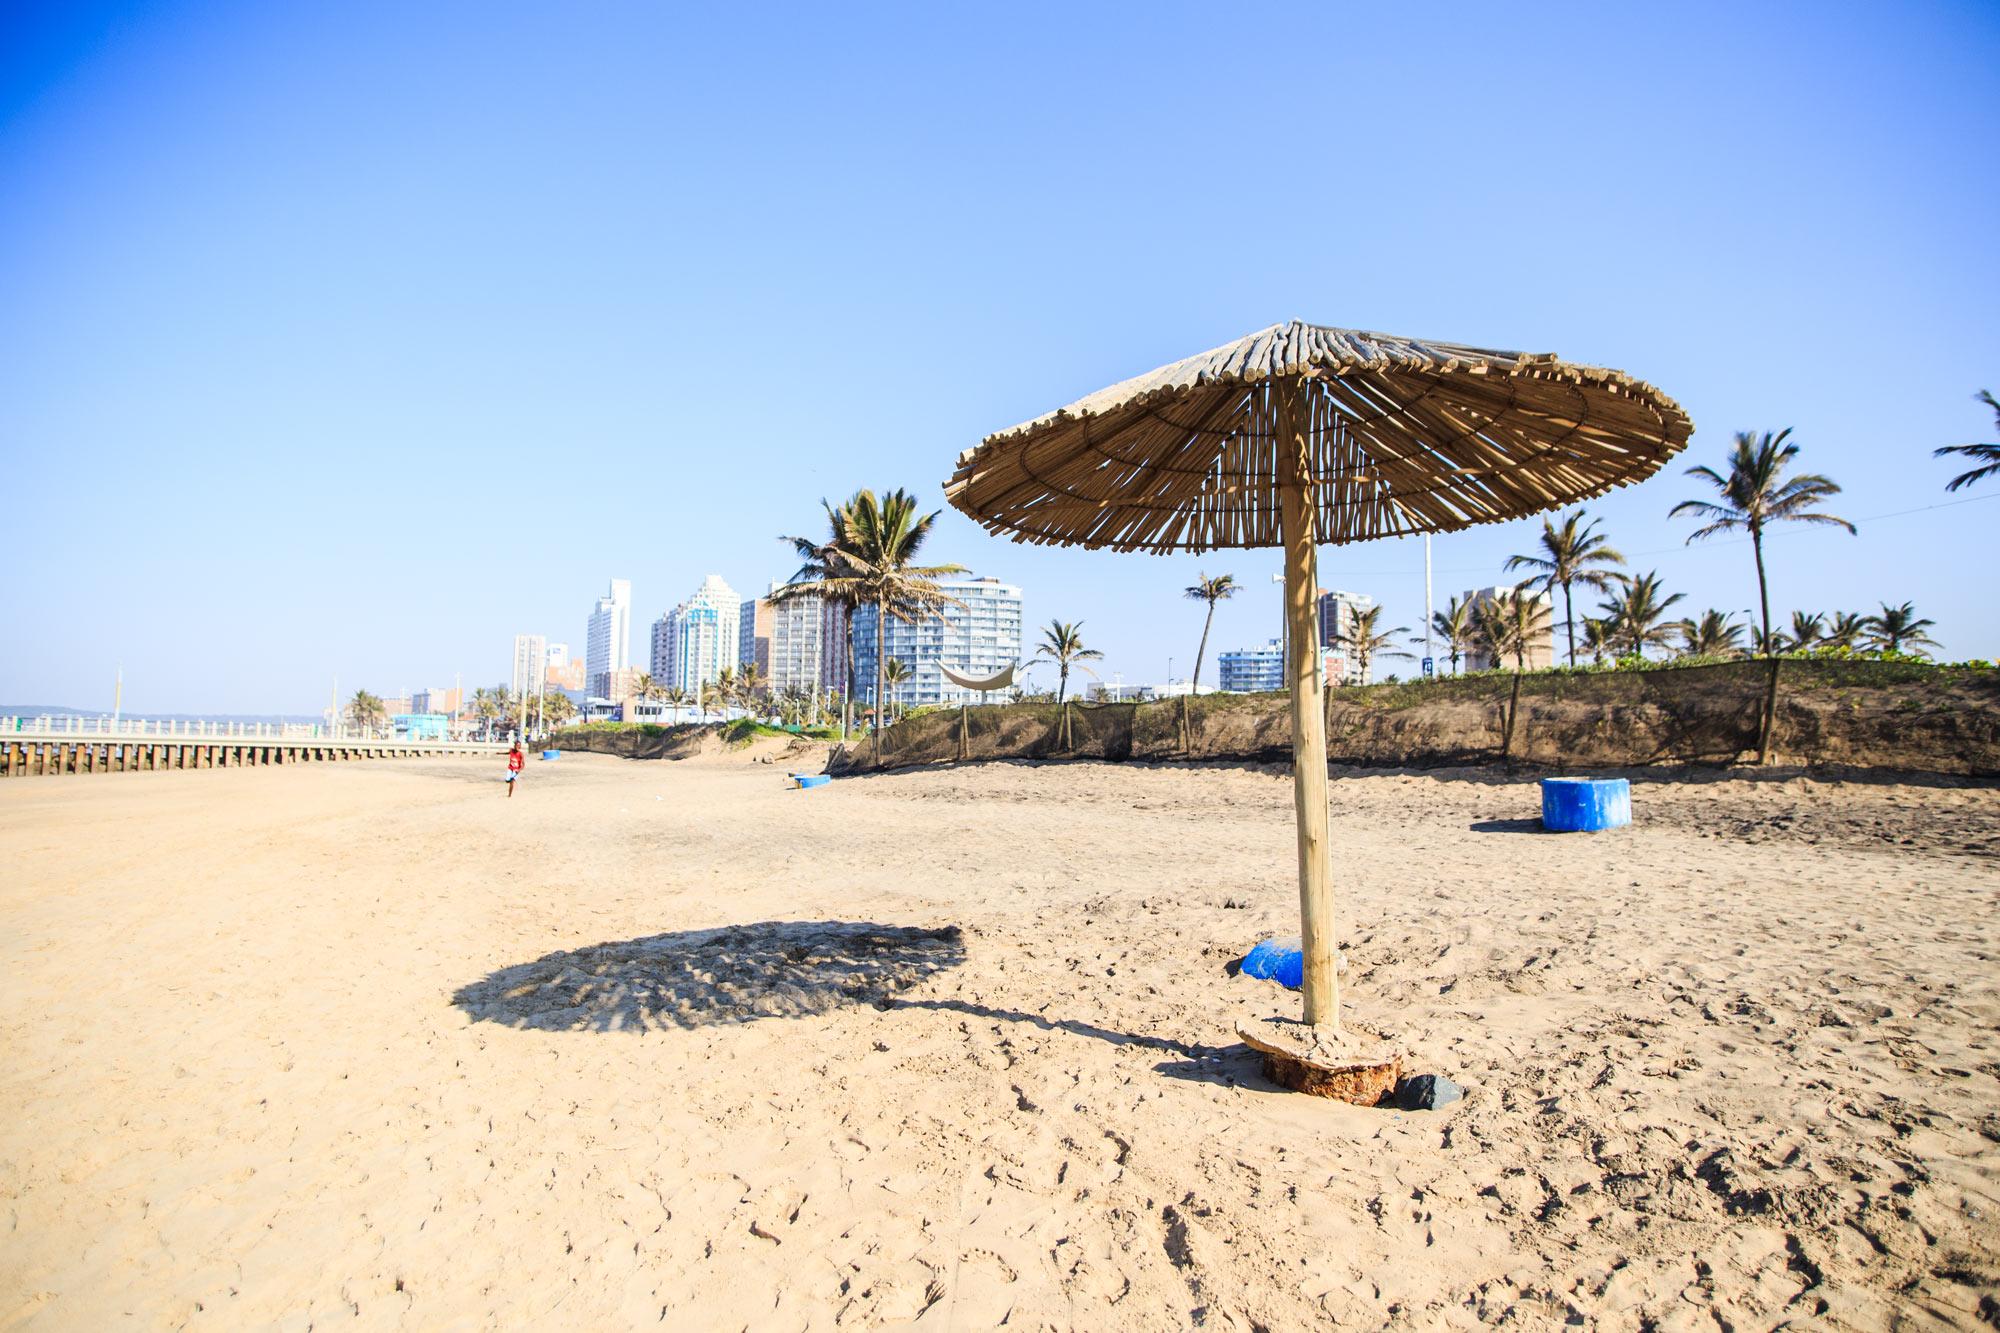 A beach in Durban.